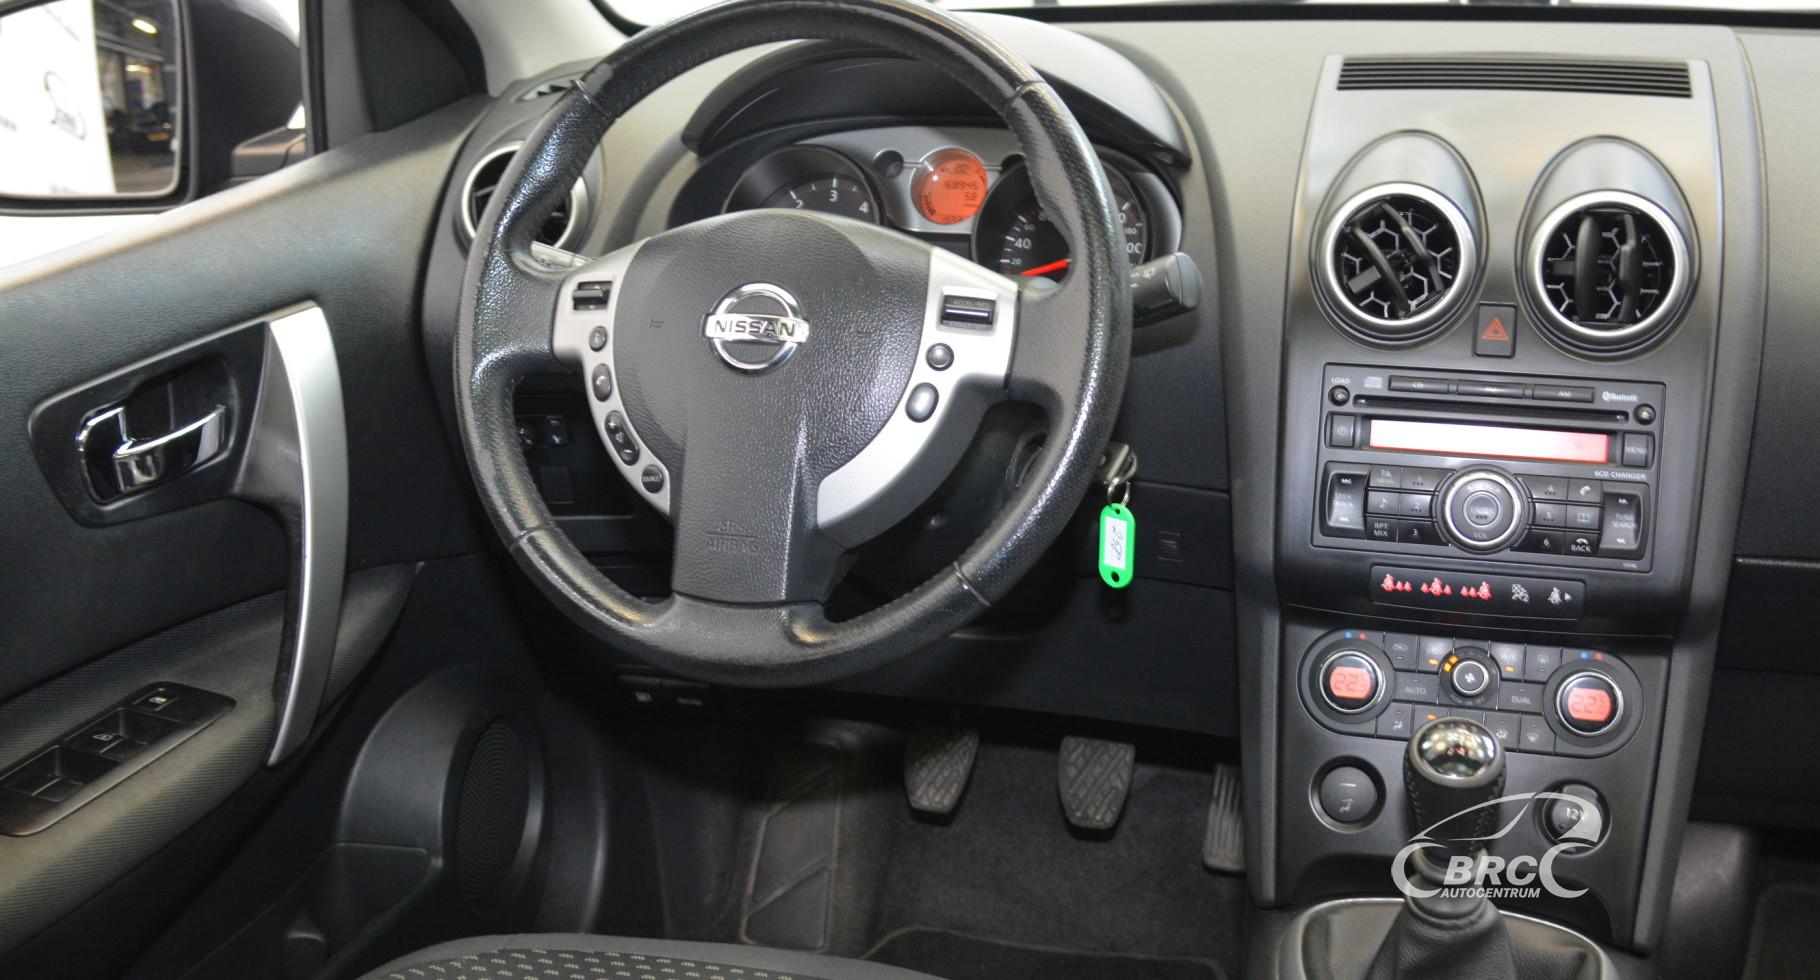 Nissan Qashqai 1.5 dci Tekna FWD